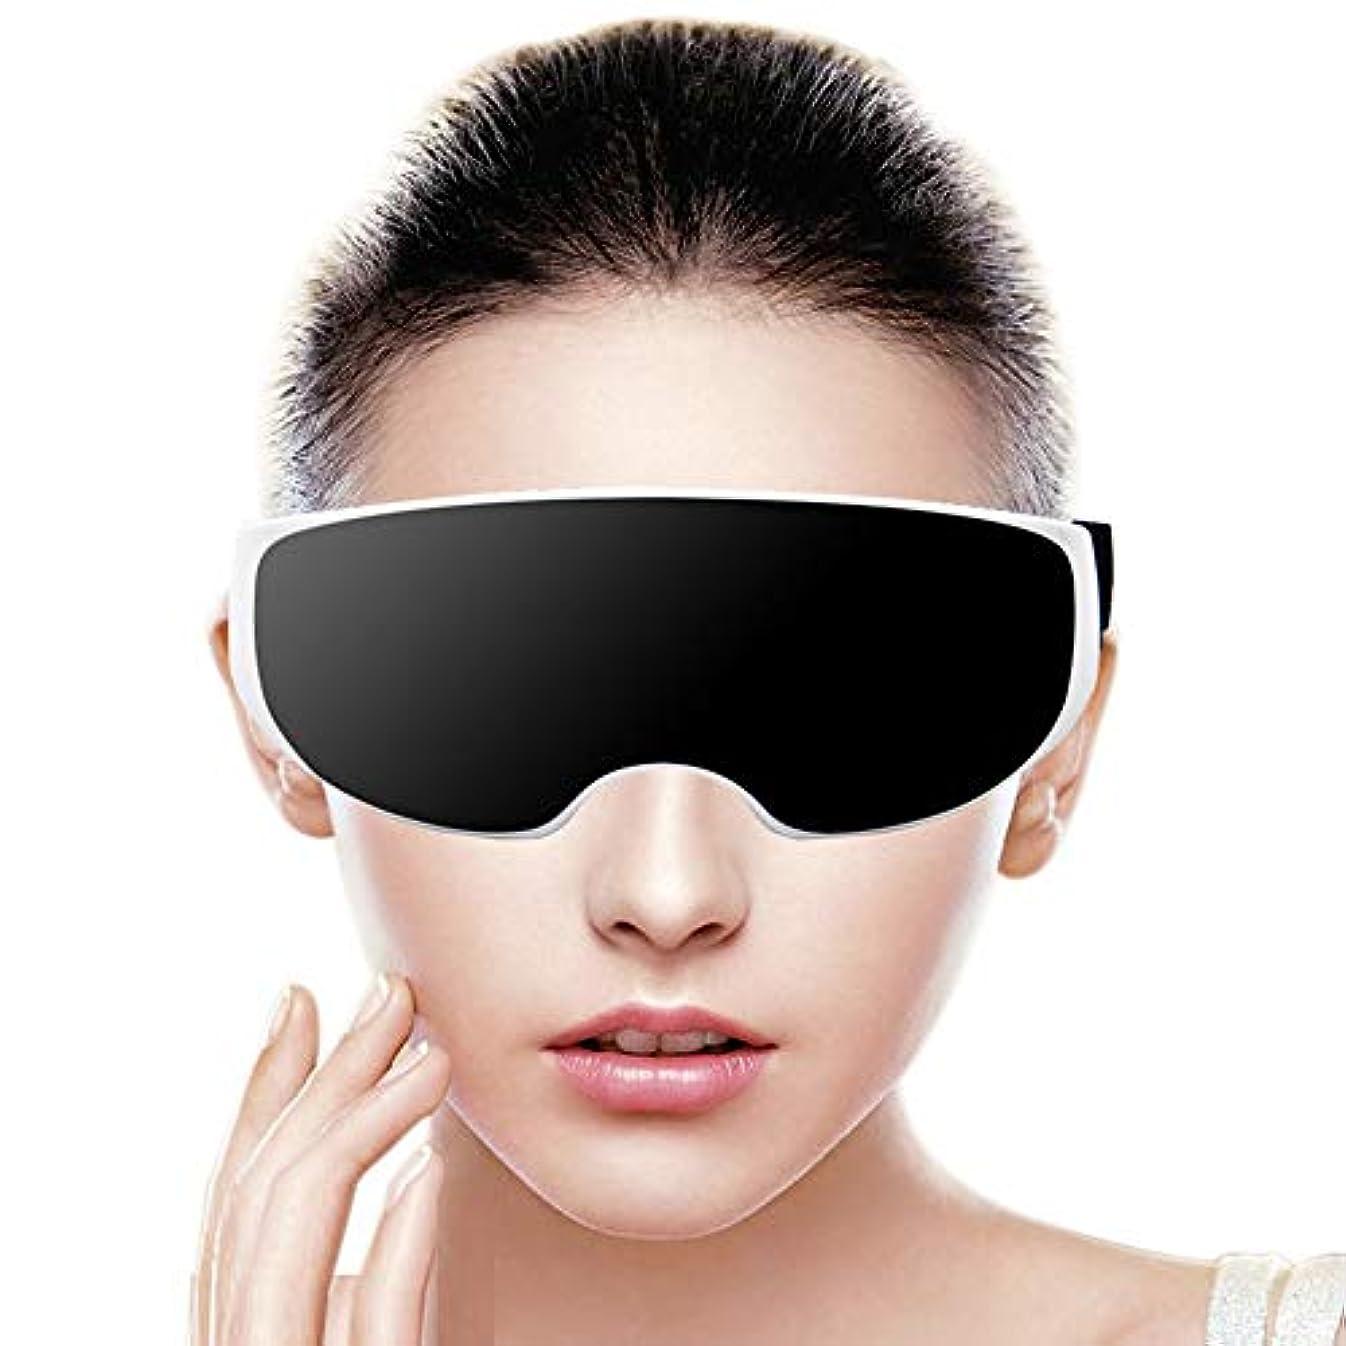 転送ゆりかご汚染電磁気療法の目の心配の器械の目の心配の目のマッサージャーの目のマッサージャーは余分な目と目の疲労を取り除きます (Color : White)